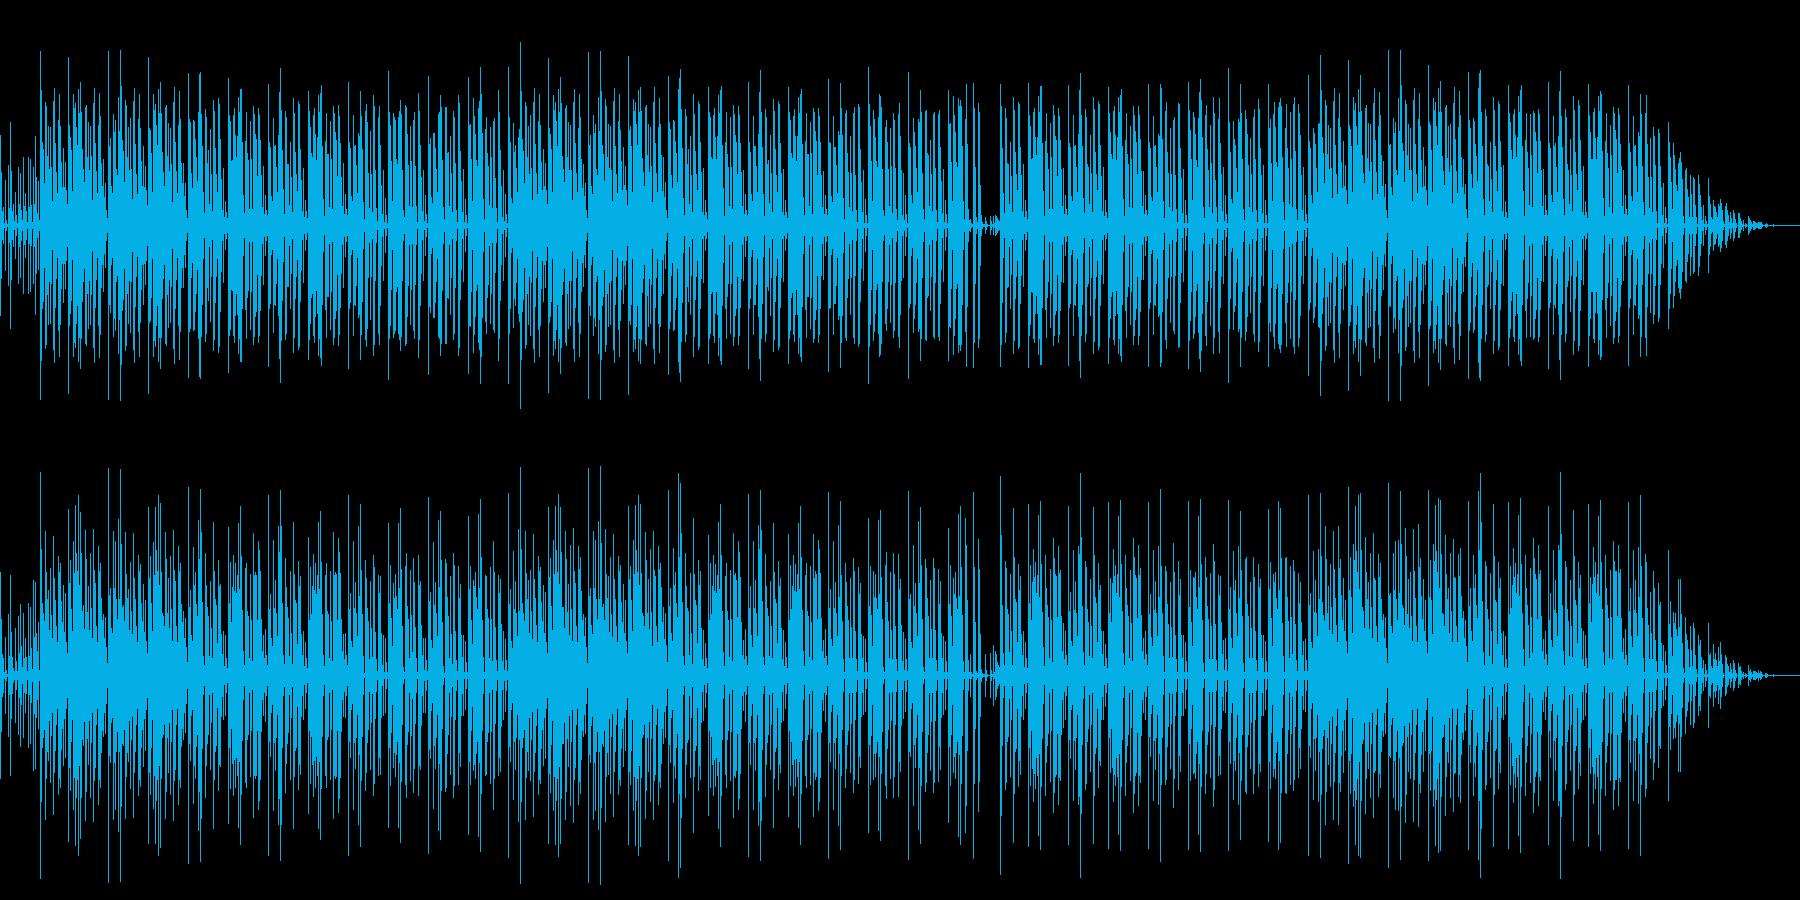 ボサノバ風なリズムの気だるいBGMの再生済みの波形